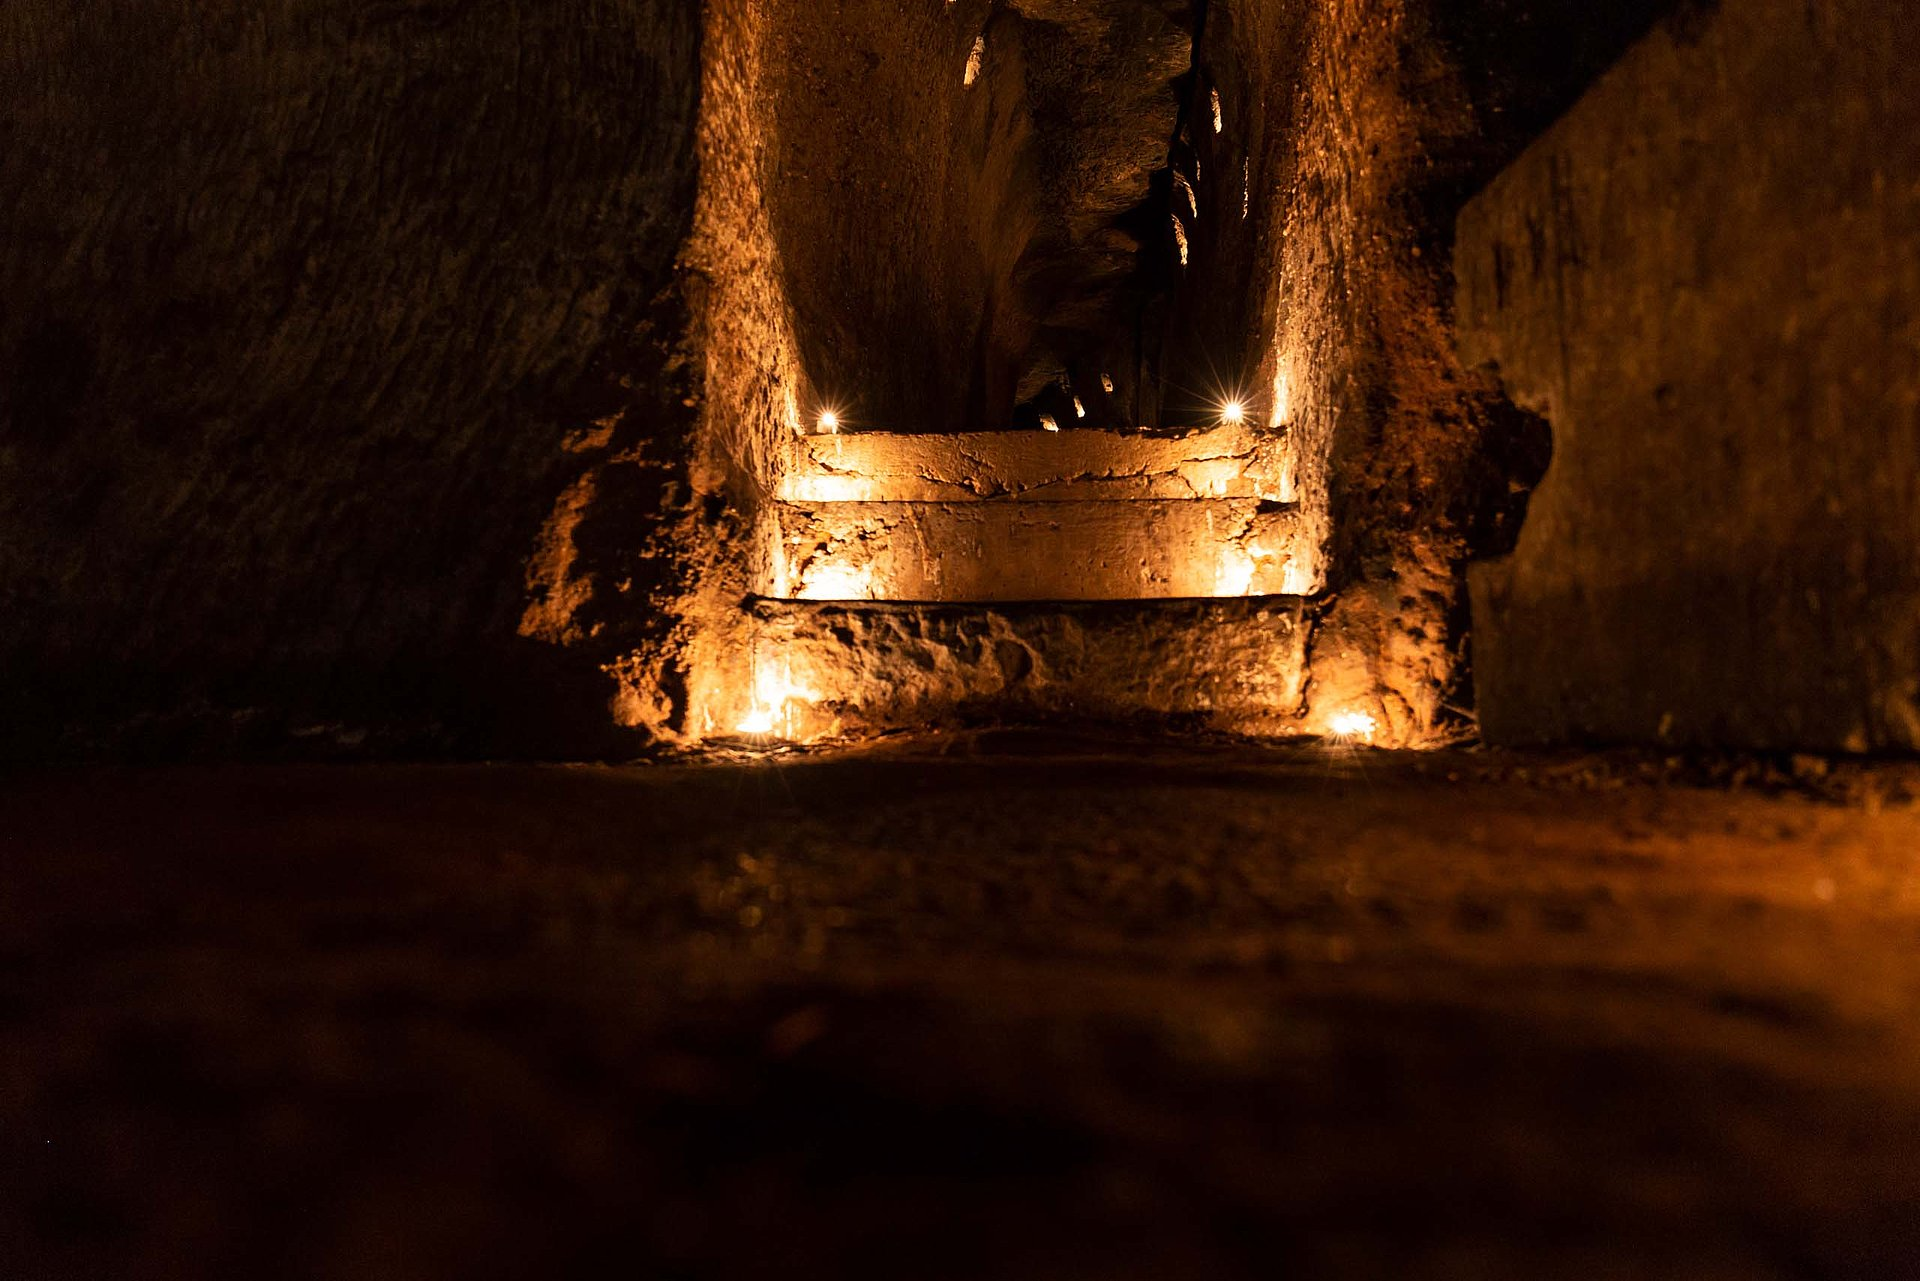 Unterirdische Gänge in der Burg Berwartstein in Erlenbach bei Dahn, Pfalz